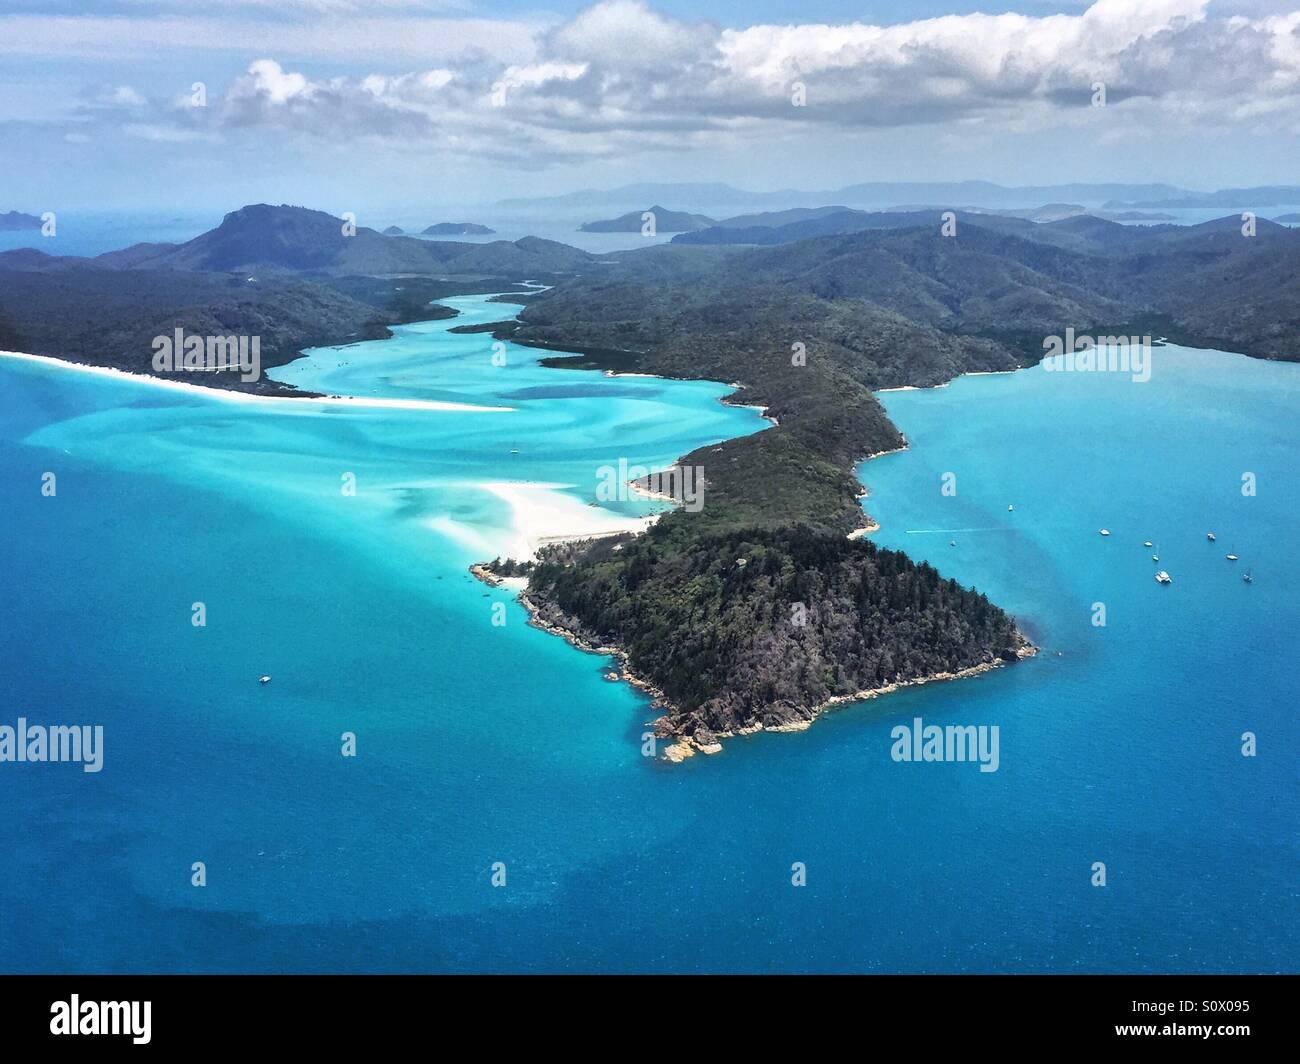 Flying over Whitehaven beach in the Whitsundays, Australia - Stock Image